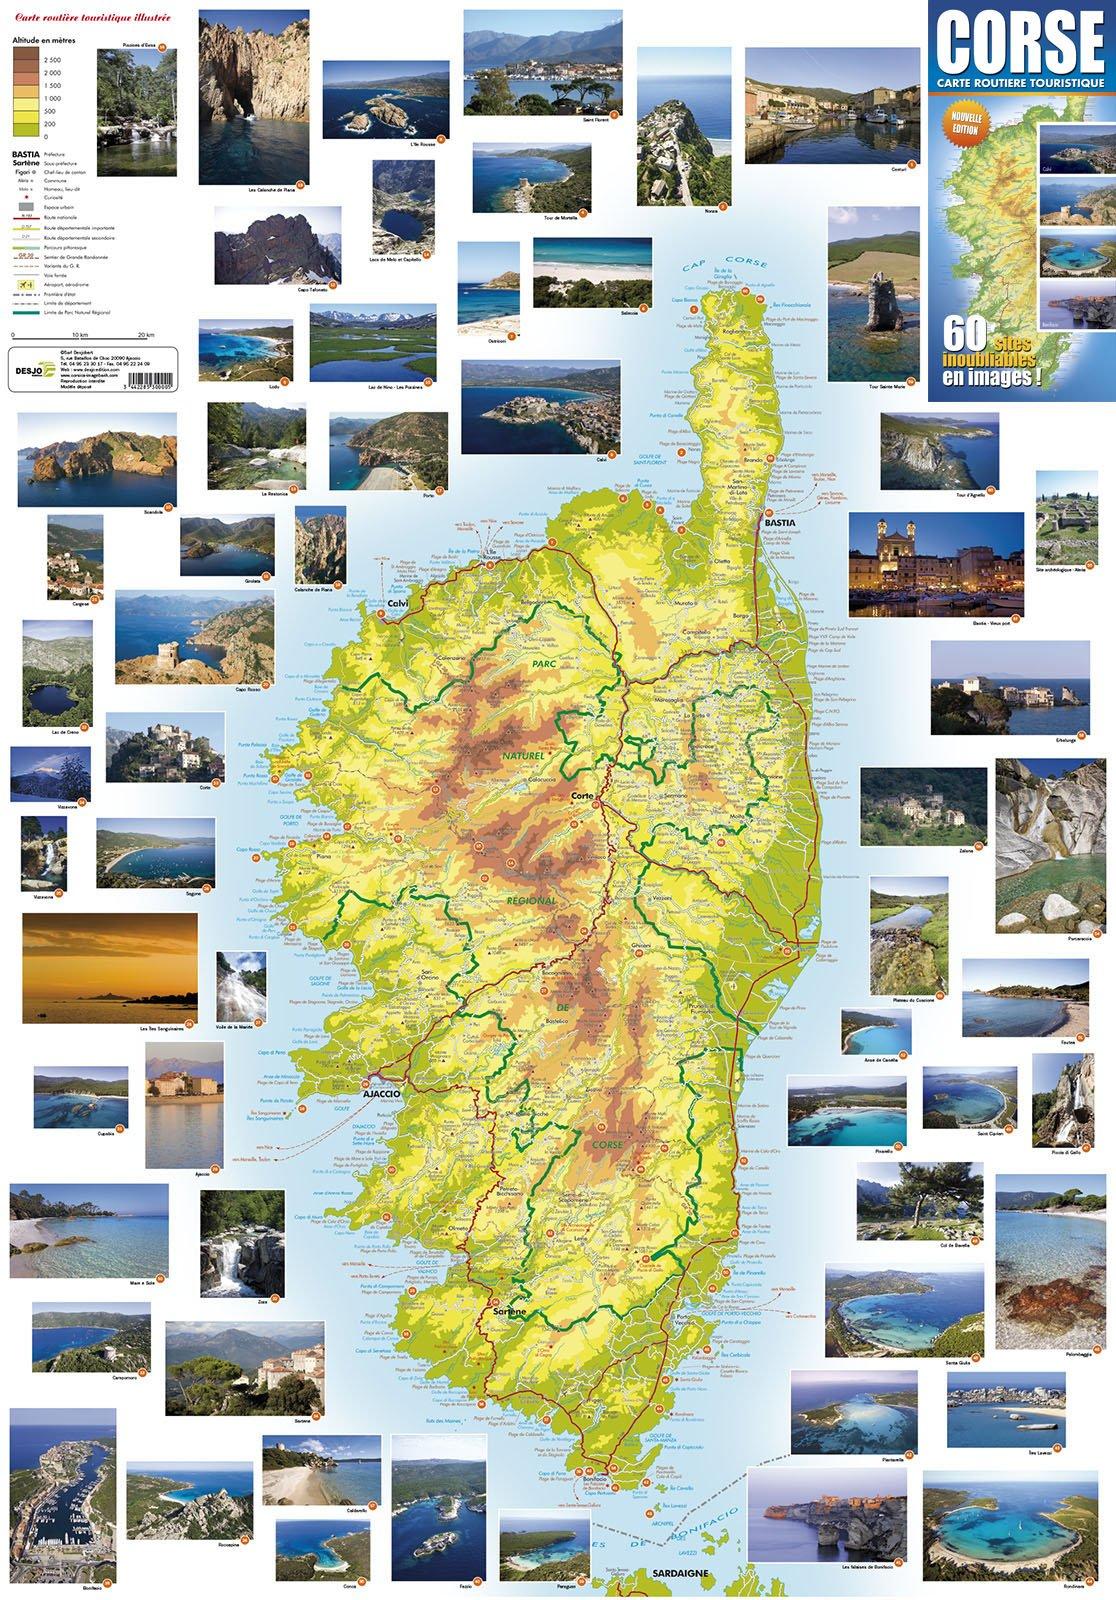 Carte Corse Touristique.Amazon Fr Corse Carte Routiere Touristique Illustree